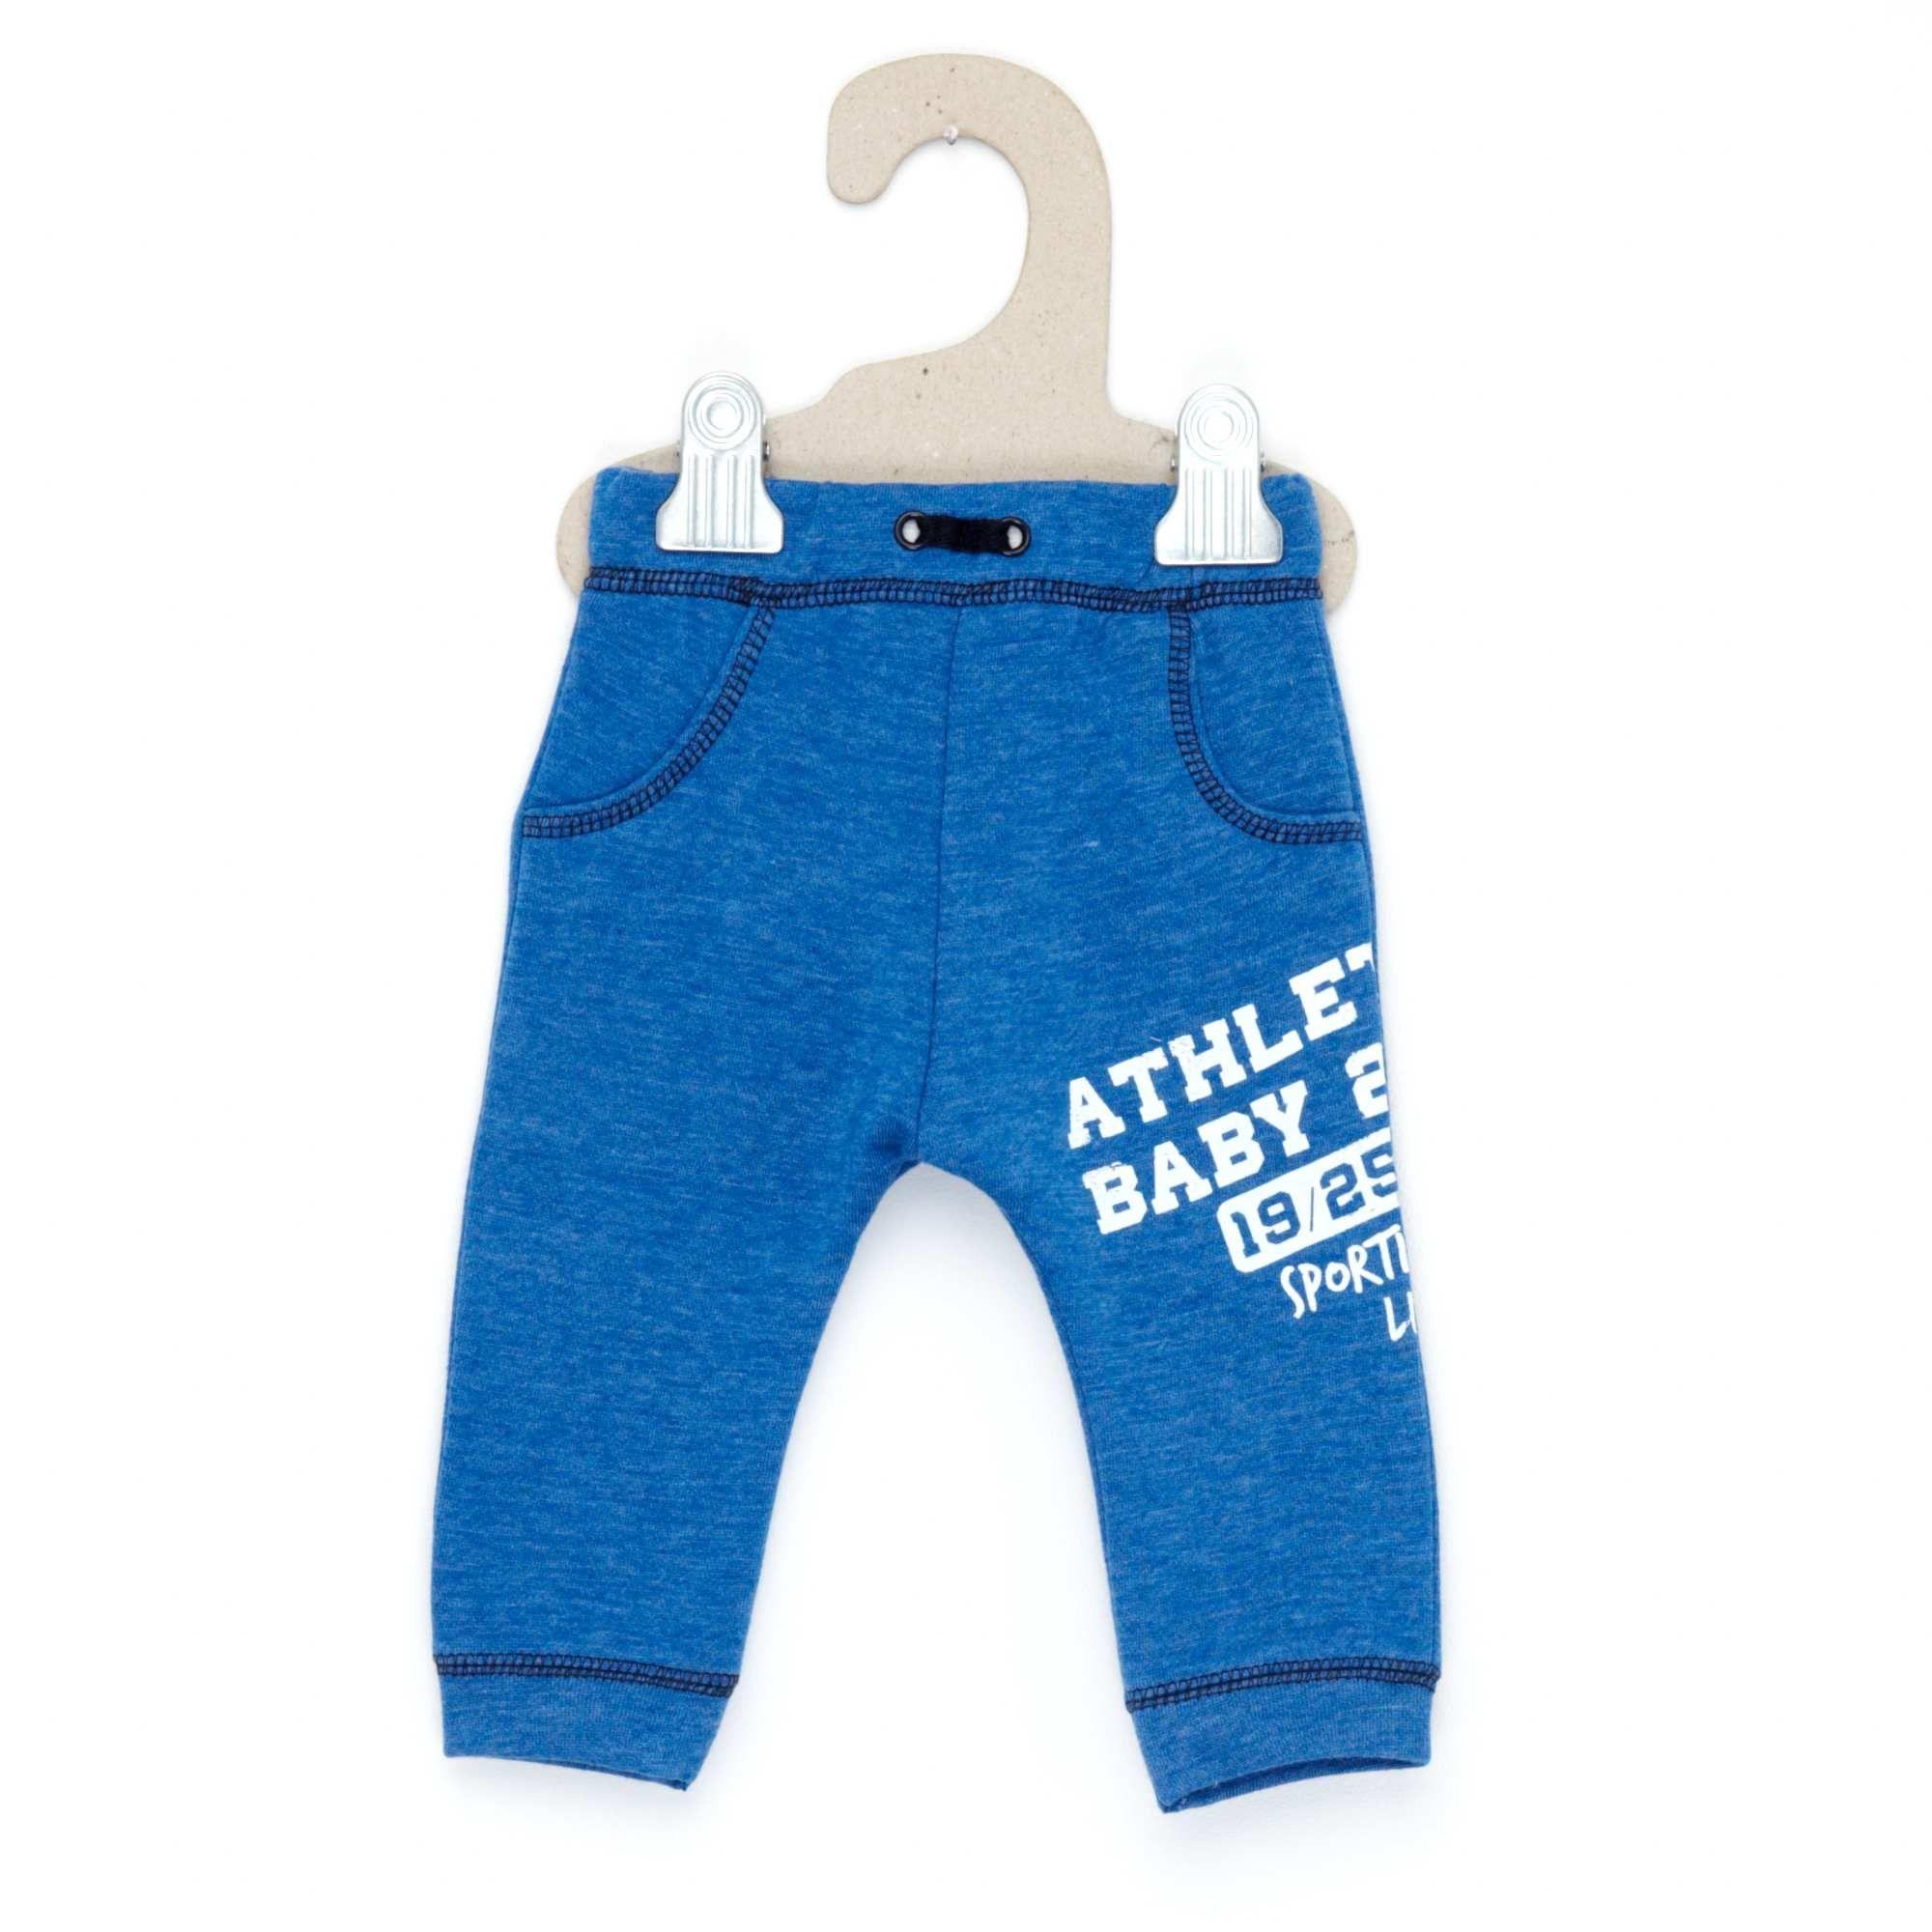 fb2056a8c Pantalón de jogging Bebé niño - Kiabi - 6,00€ | niños | Niño bebé ...